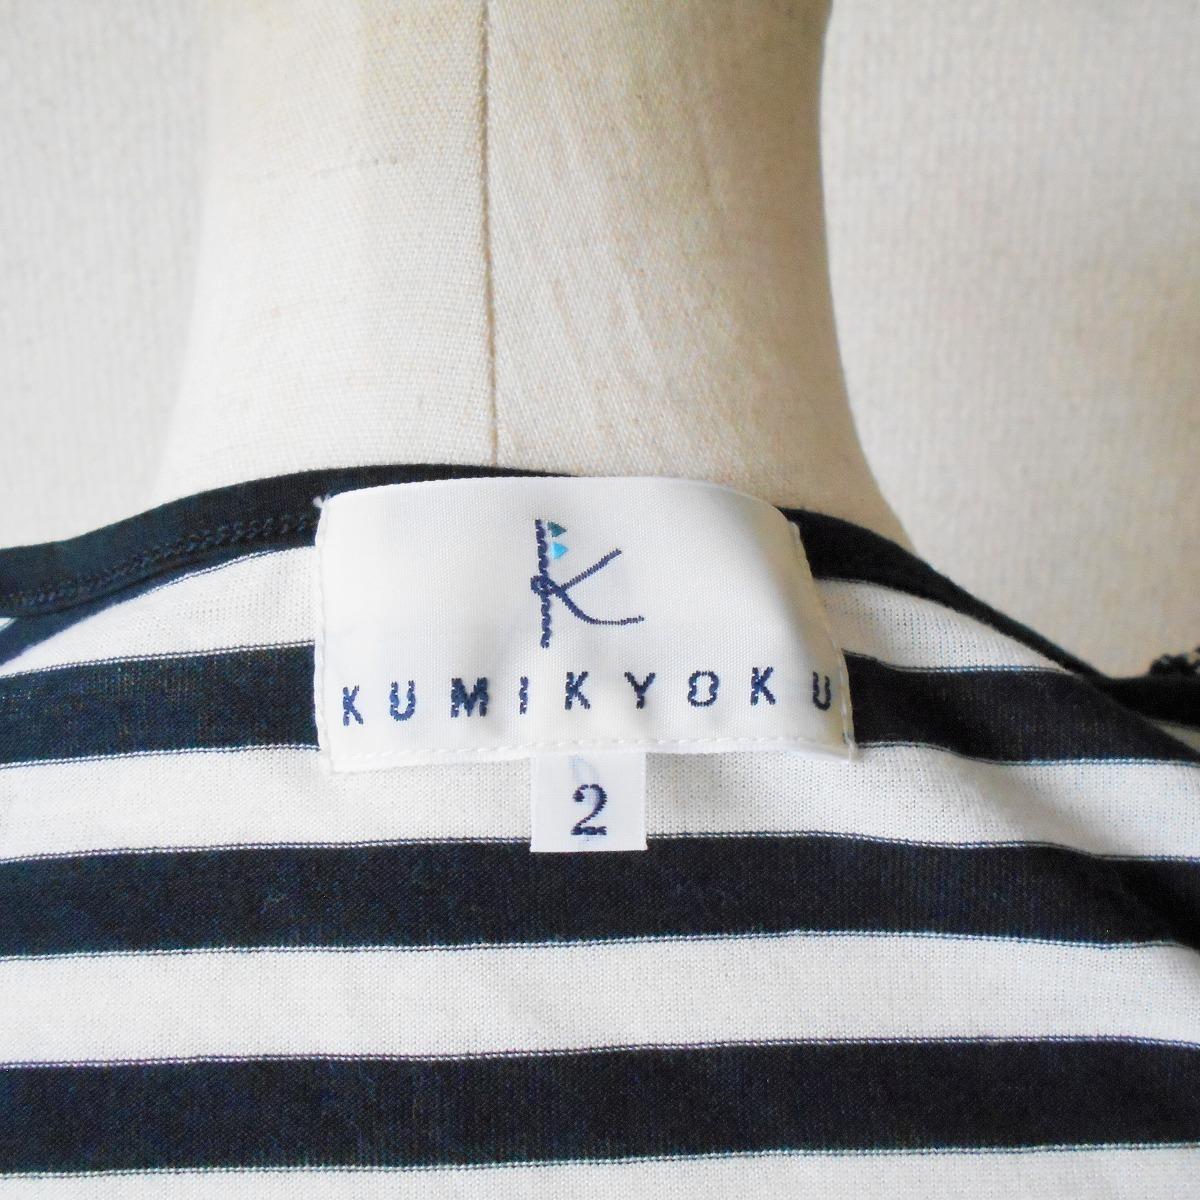 組曲 KUMIKYOKU オンワード 樫山 ラメ 入り ボーダー / 絞れる リボン 付き 半袖 カットソー Tシャツ 2_画像8